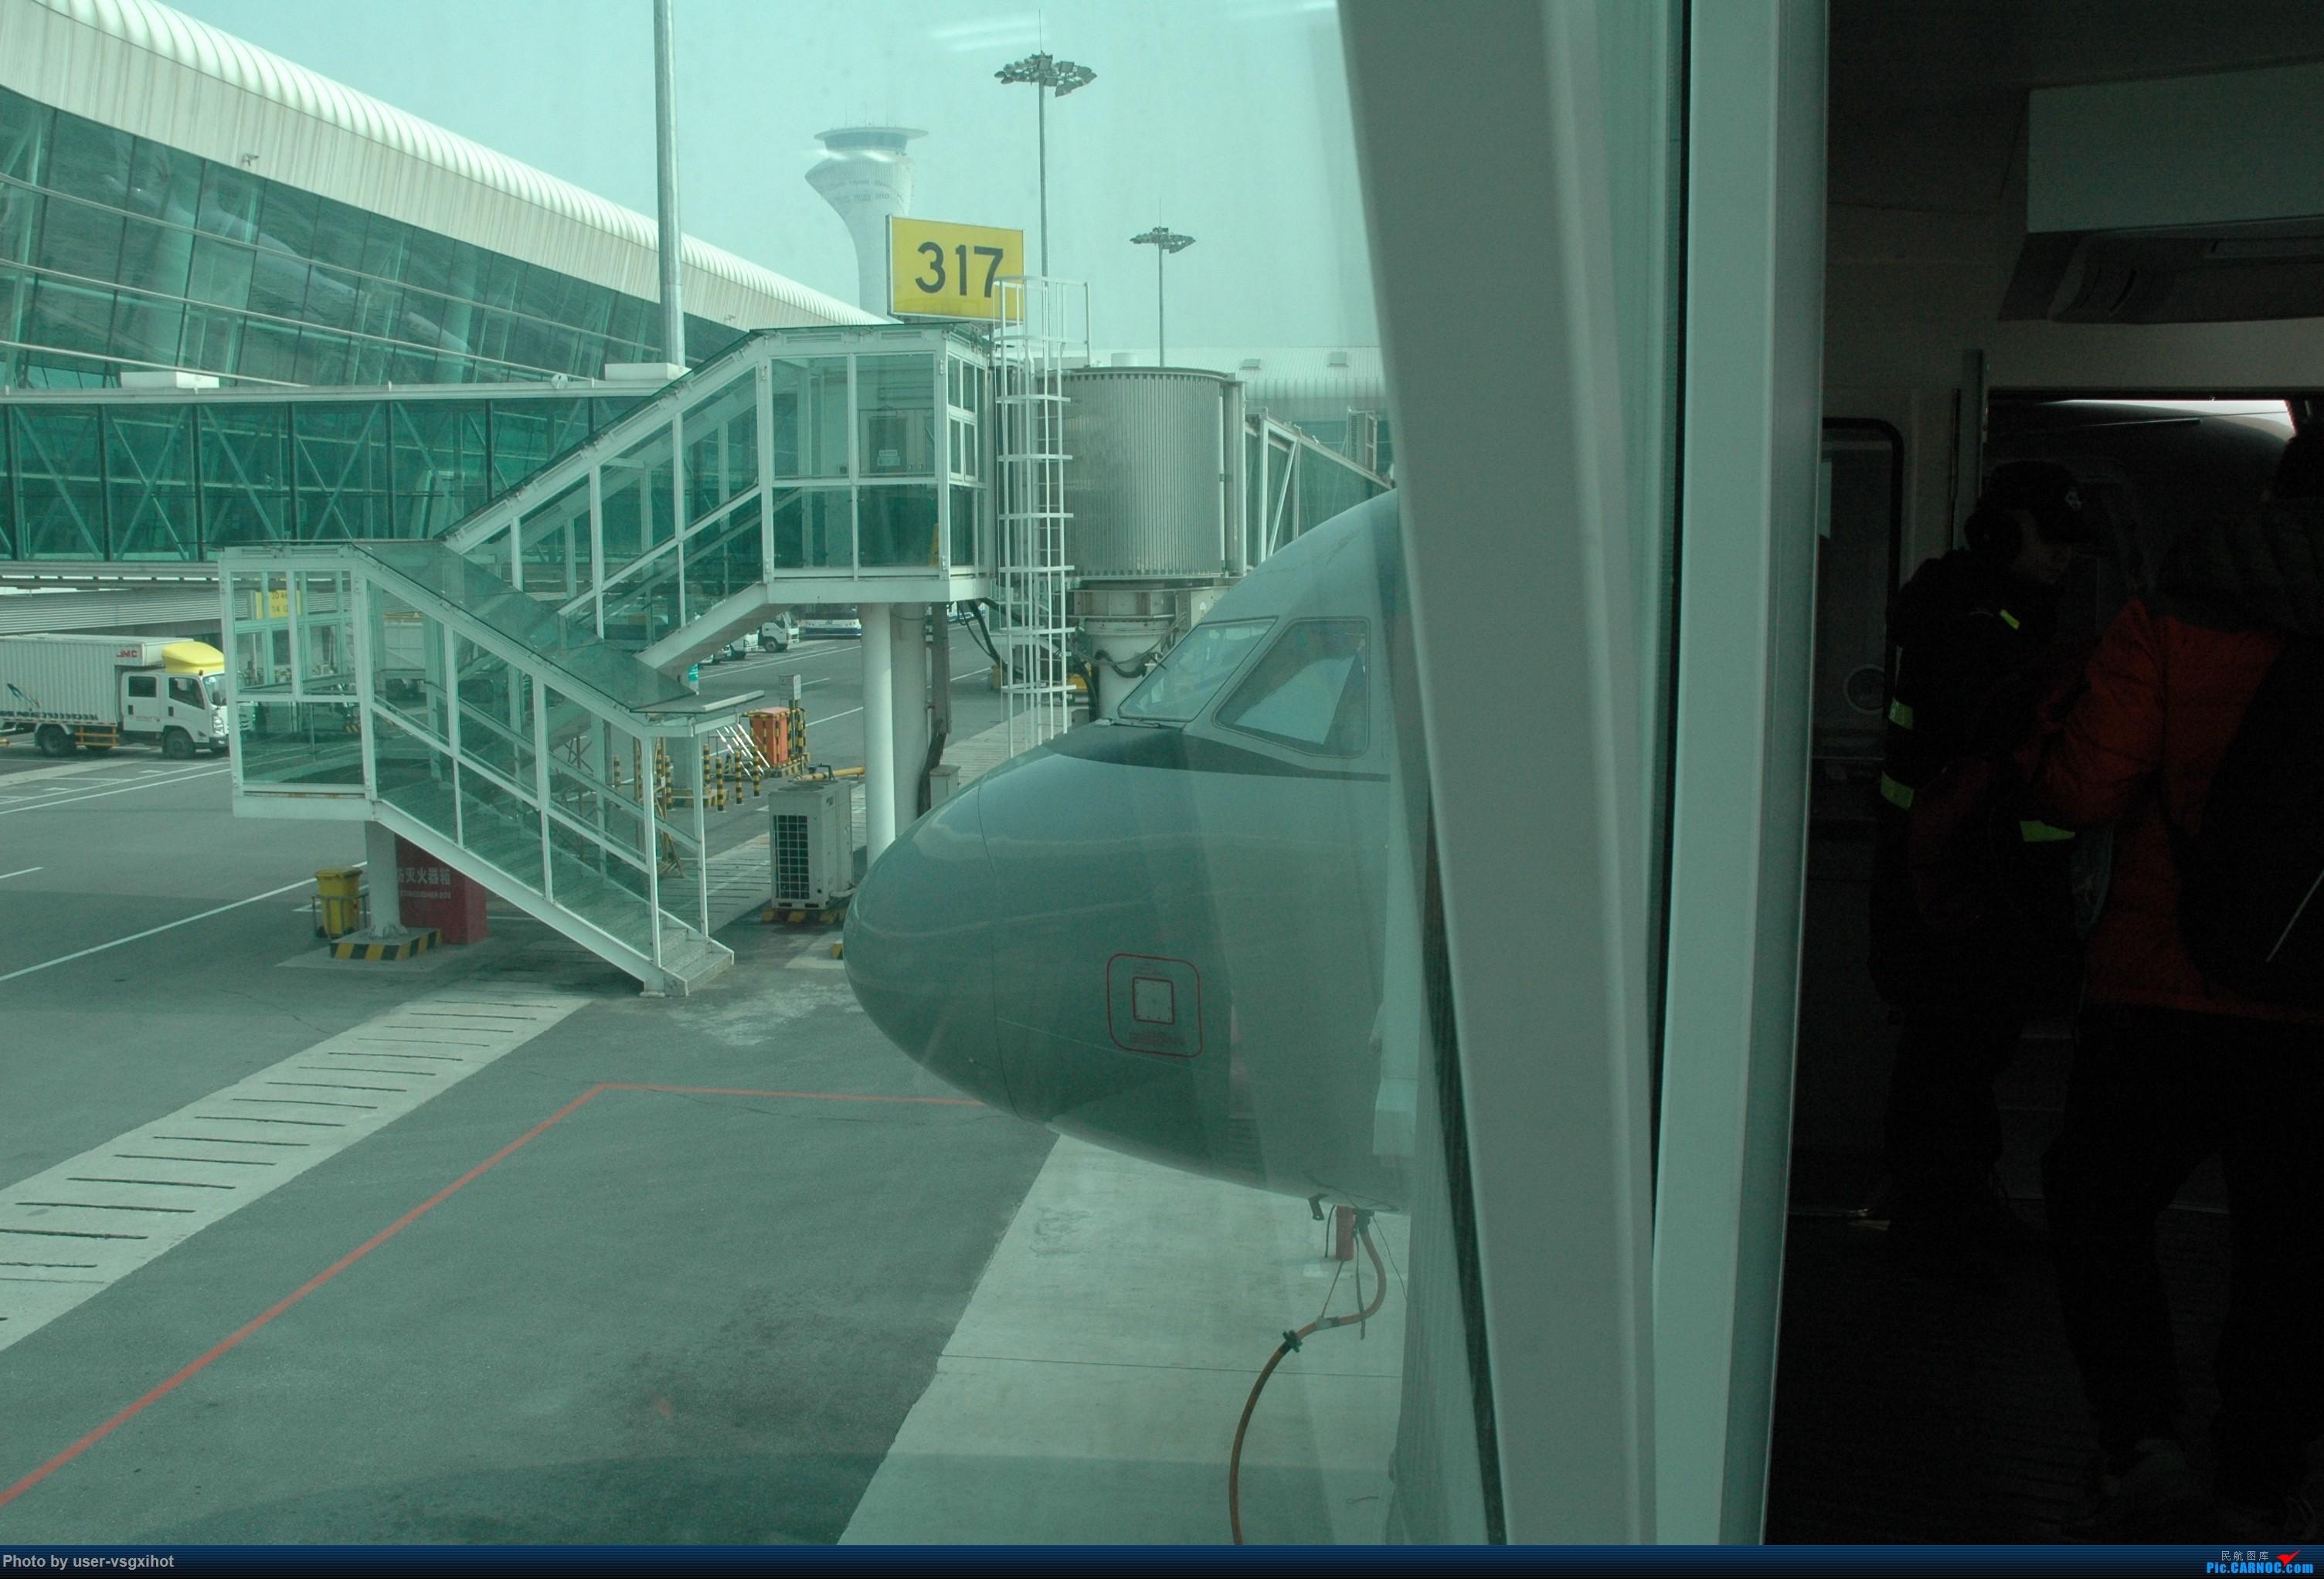 Re:【Hans游记(5)】魔都探亲行,意外收获的东航邮戳,回程擦航359+738 AIRBUS A321-200  武汉天河机场